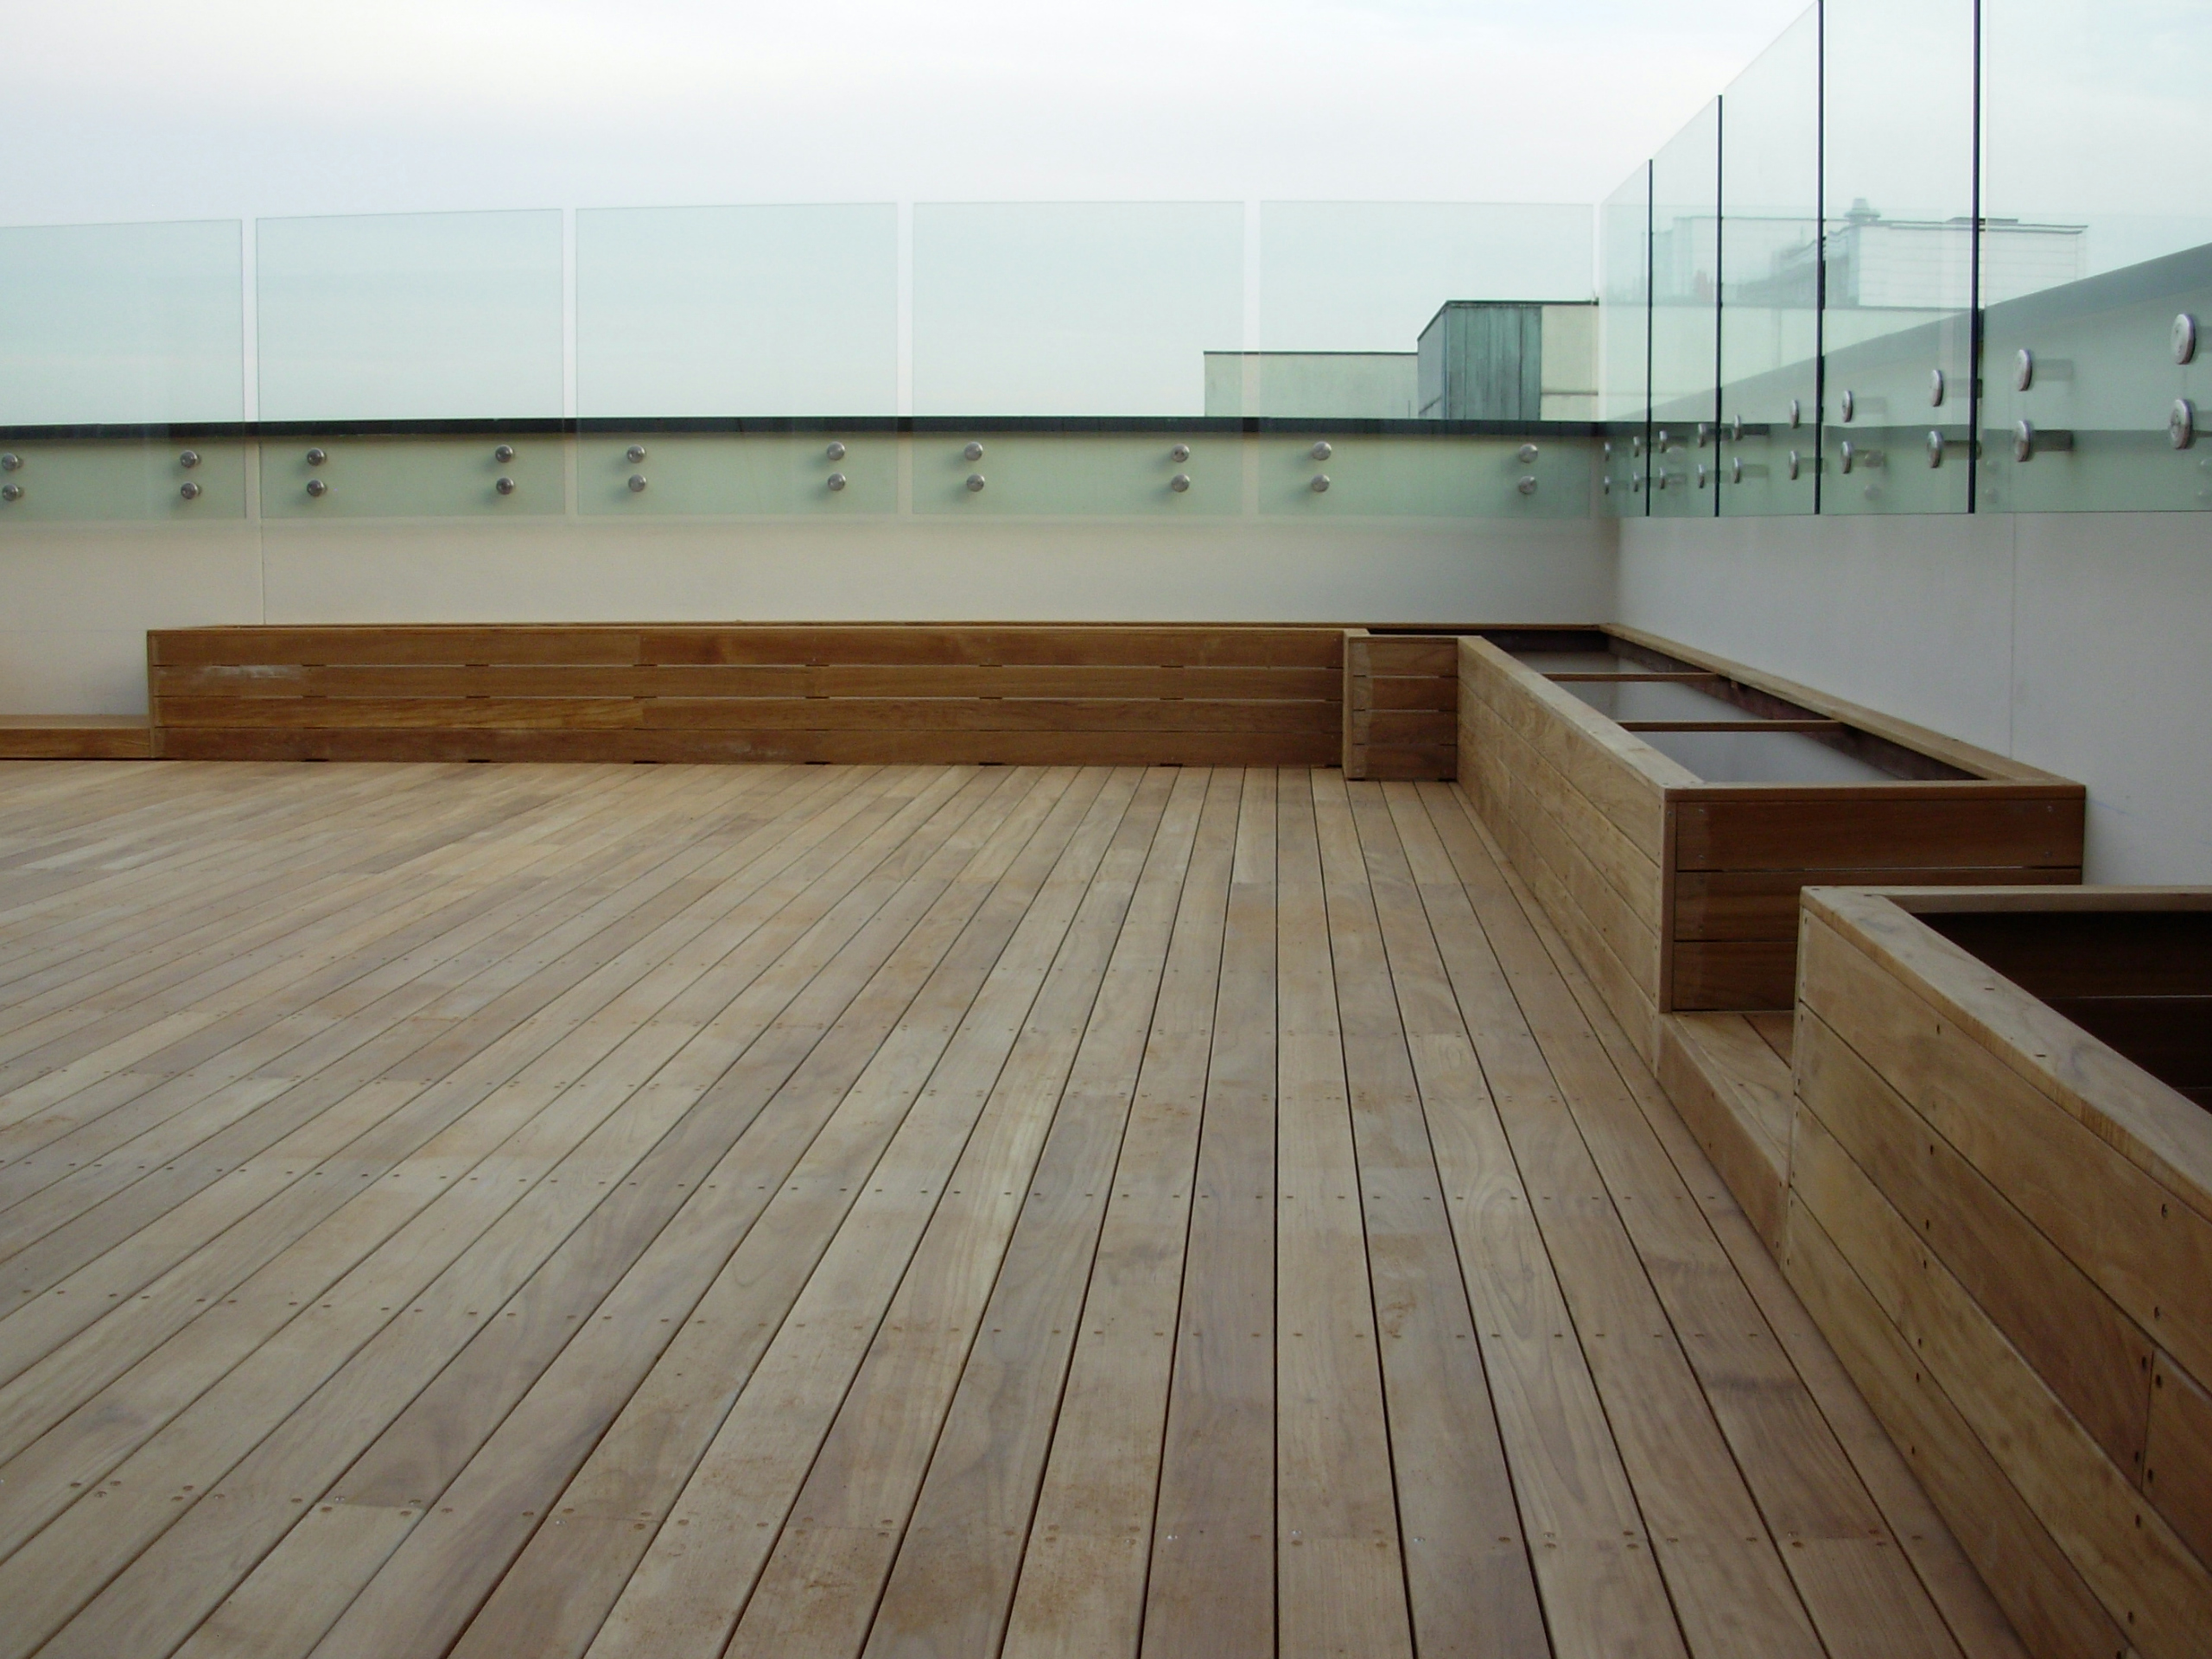 Listoni in legno per pavimenti e rivestimenti teak by ravaioli legnami - Listoni in legno per esterni ...